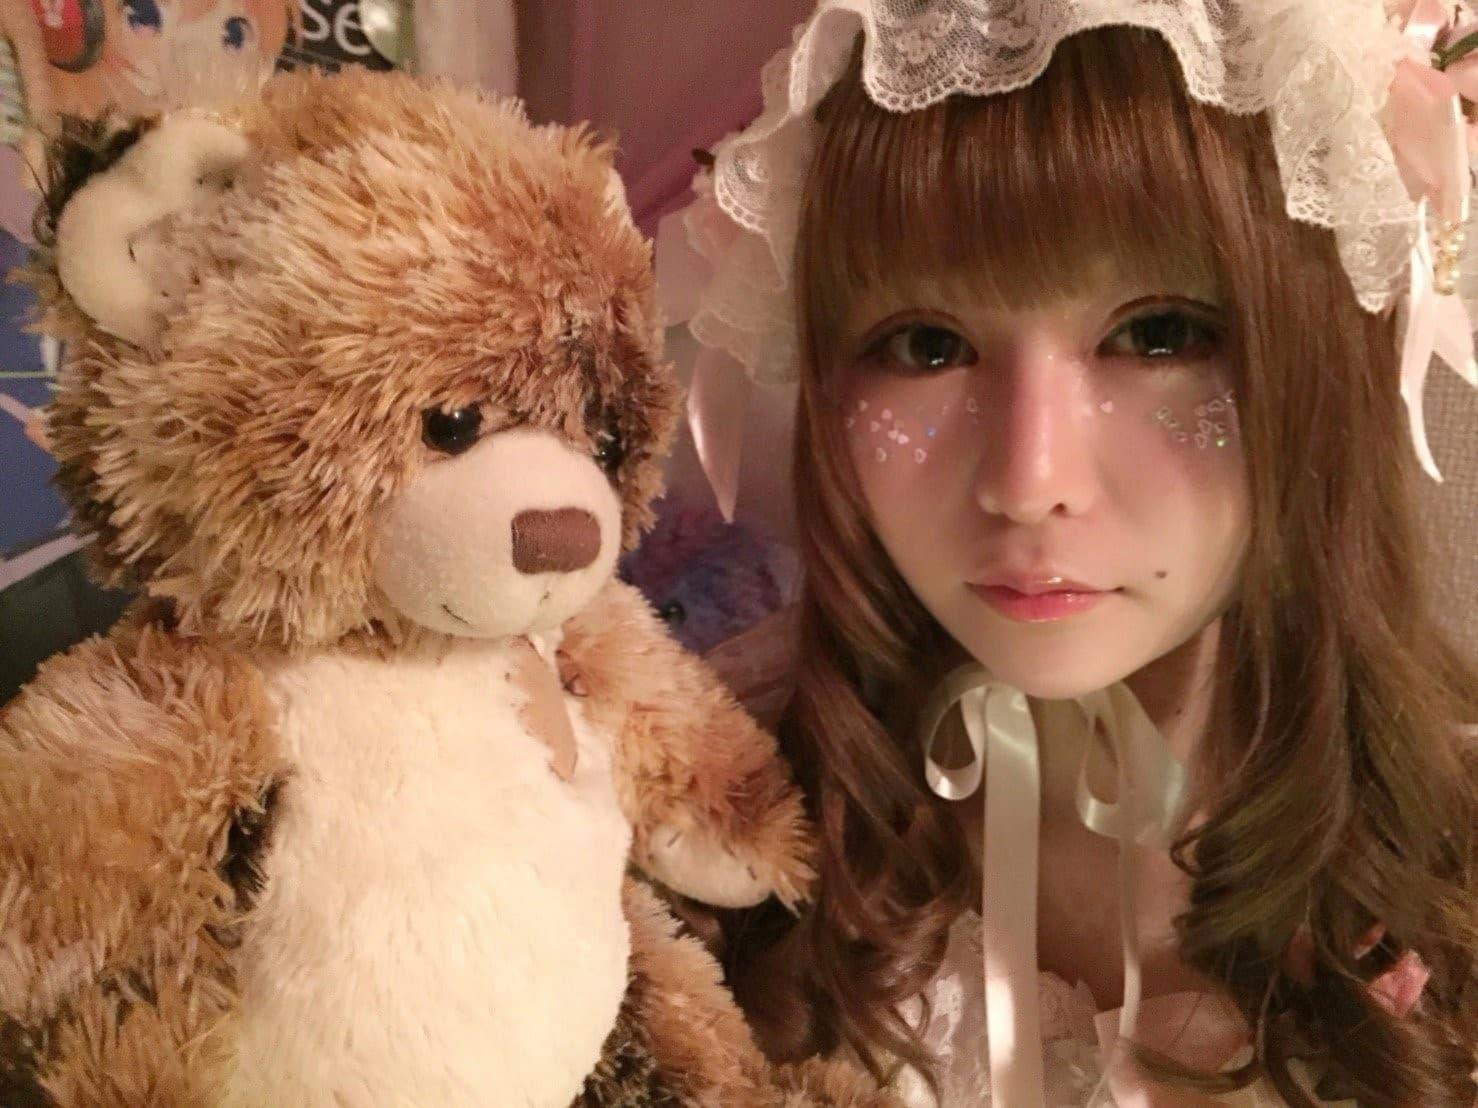 少年院出身アイドル戦慄かなのさんと熊のぬいぐるみの画像